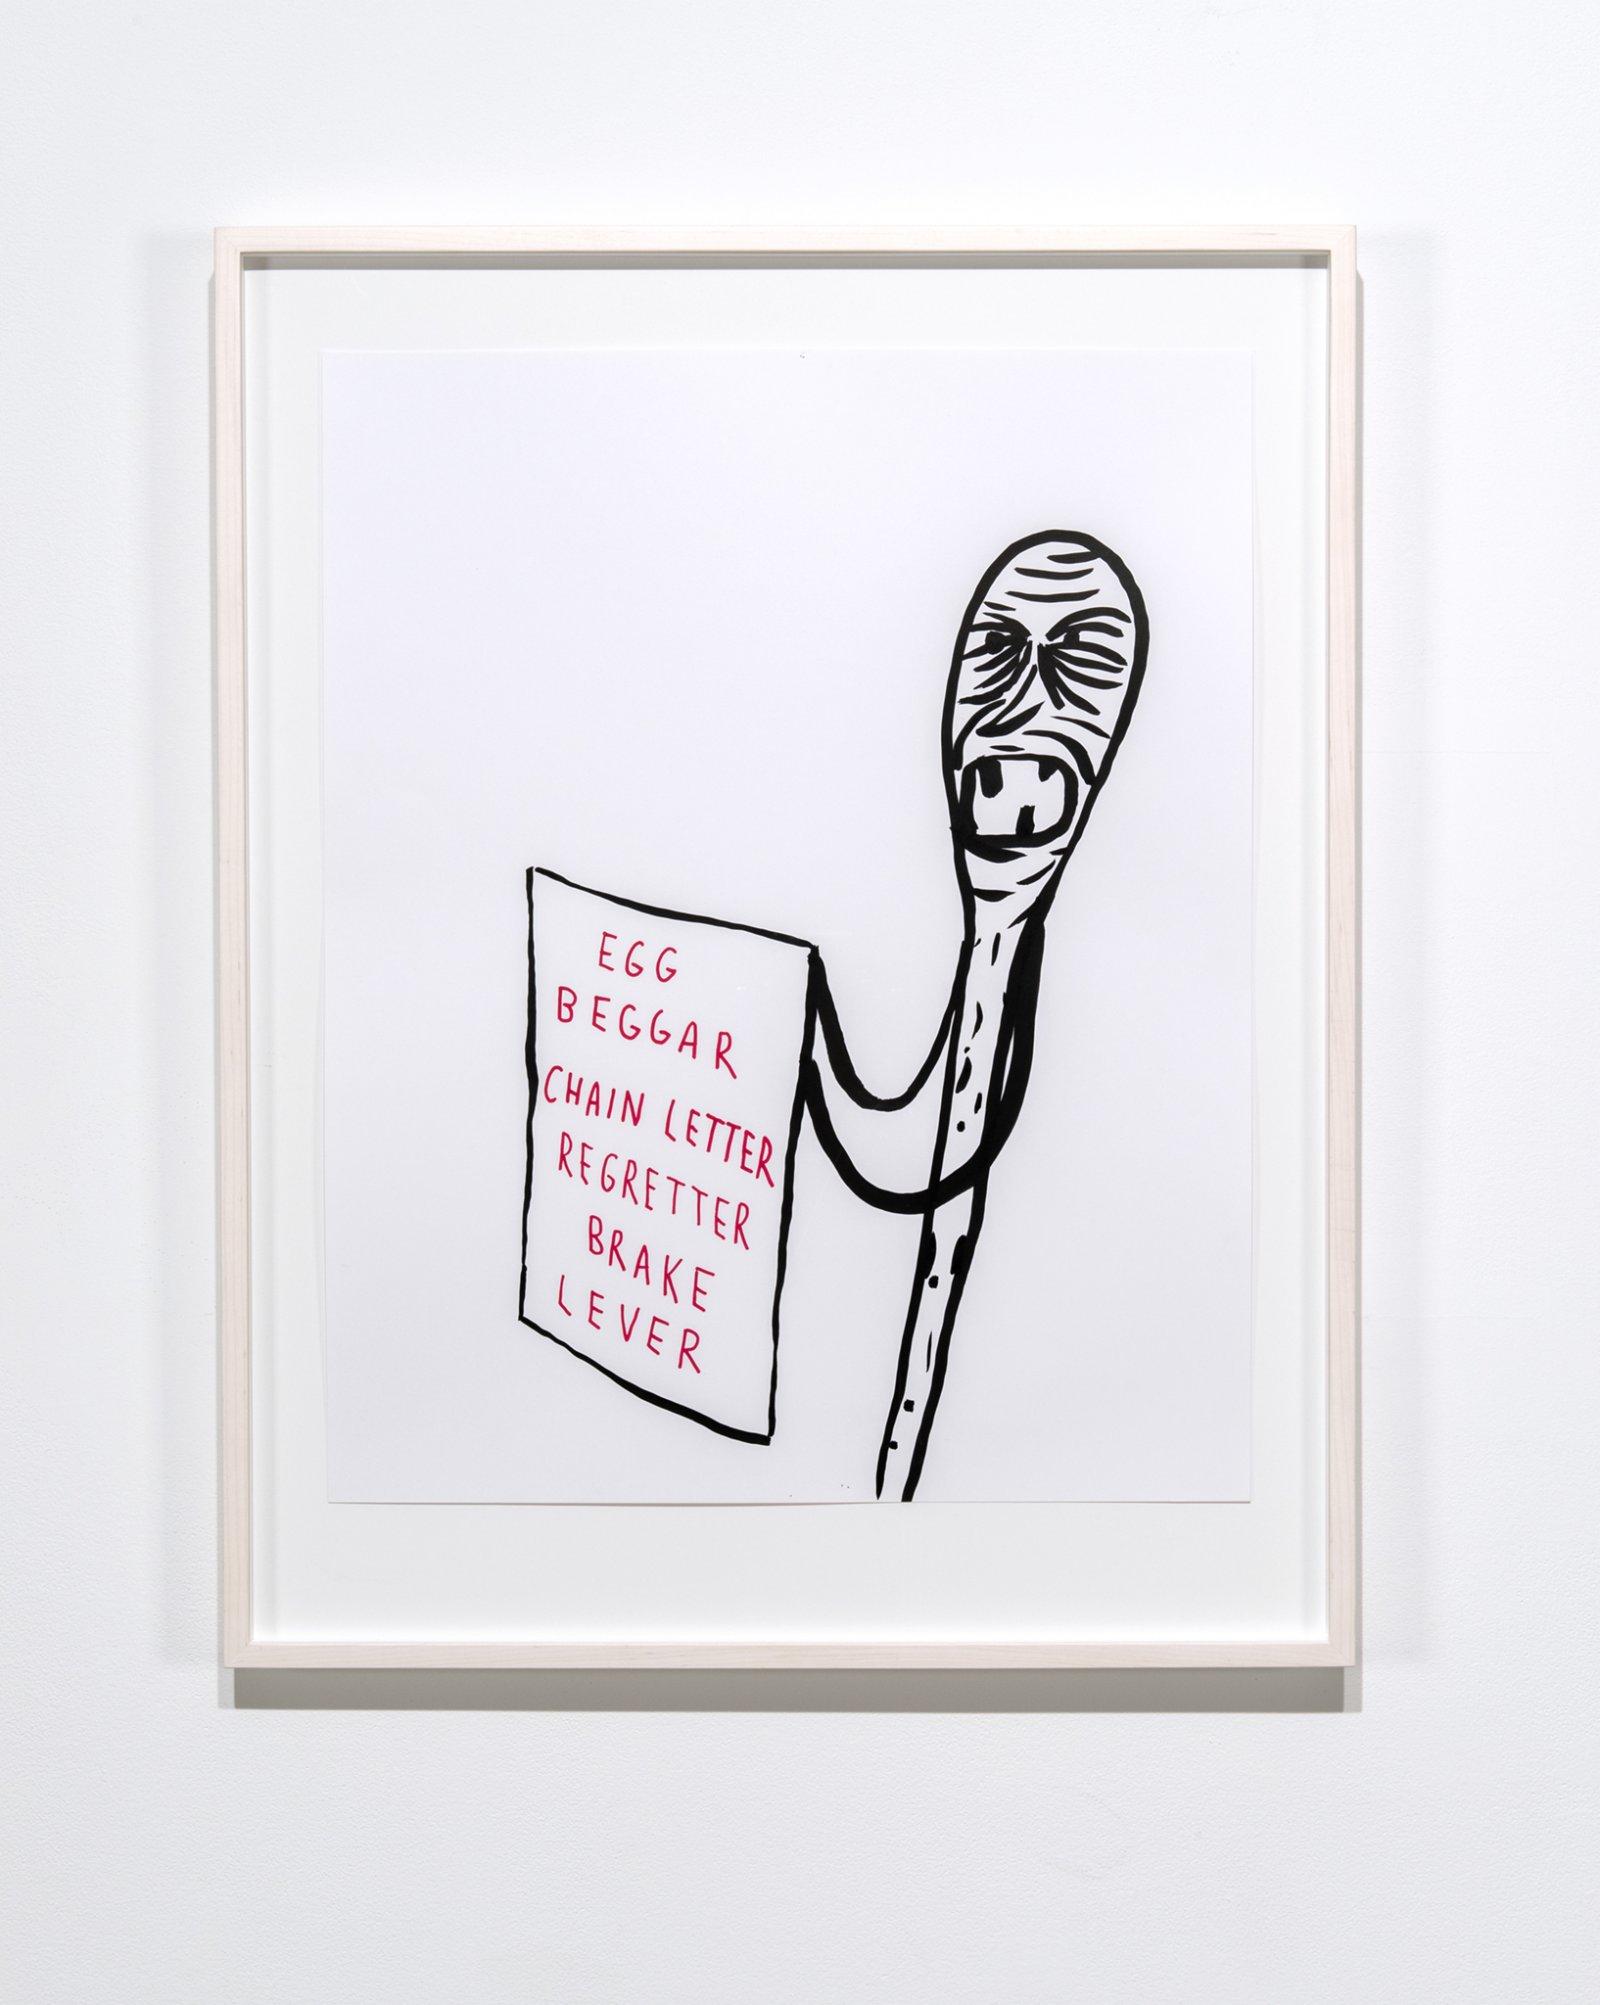 Geoffrey Farmer, EGG, BEGGAR, CHAIN LETTER, REGRETTER, BRAKE, LEVER, ink on paper, 36 x 28 in. (90 x 70 cm) by Geoffrey Farmer